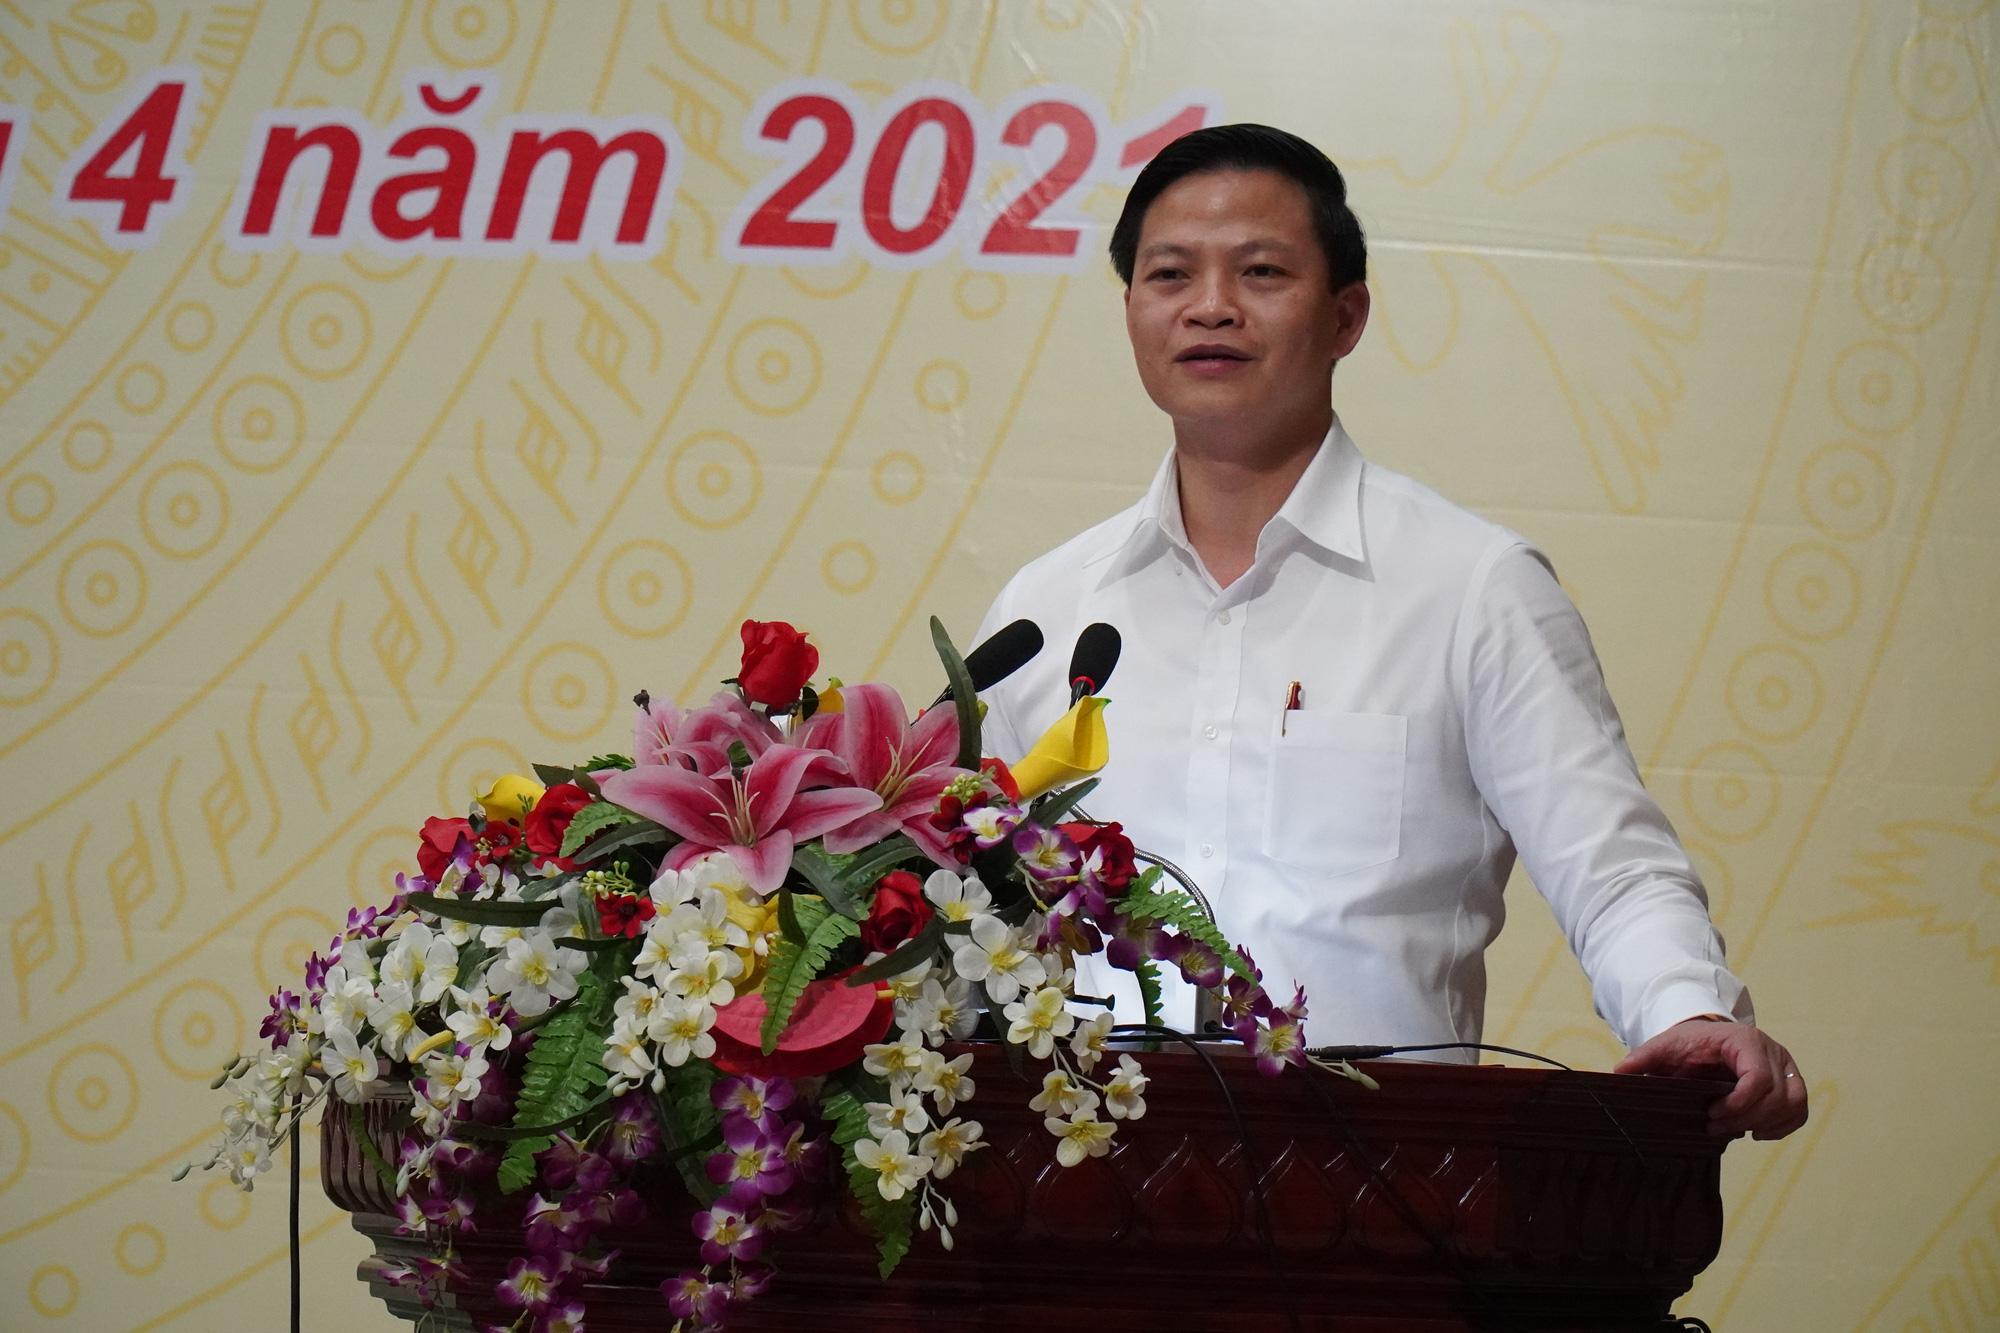 Bắc Ninh: Ngộ độc thực phẩm giảm mạnh, siết quản lý an toàn thực phẩm ở khu đông dân cư, công nhân - Ảnh 3.